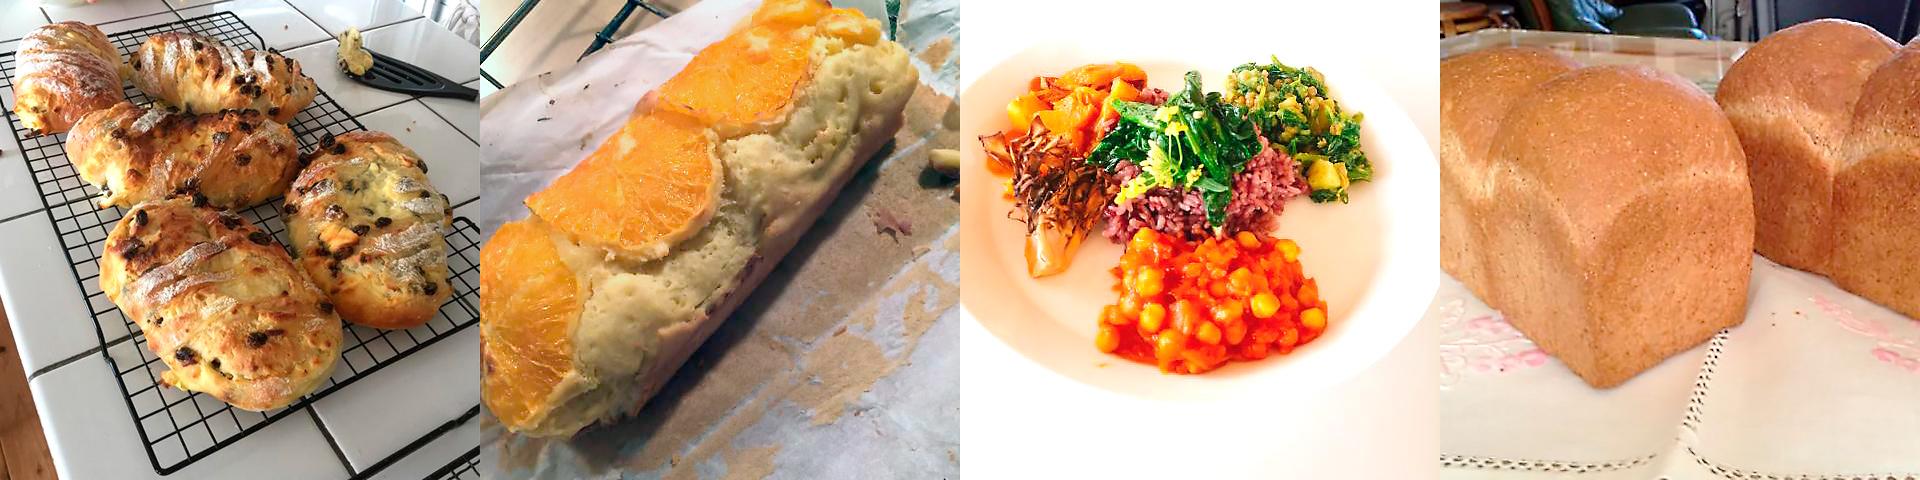 シトロンハード/自然栽培の野菜カレー/全粒粉の食パン/ケーク・デイ・オレンジの組み合わせ